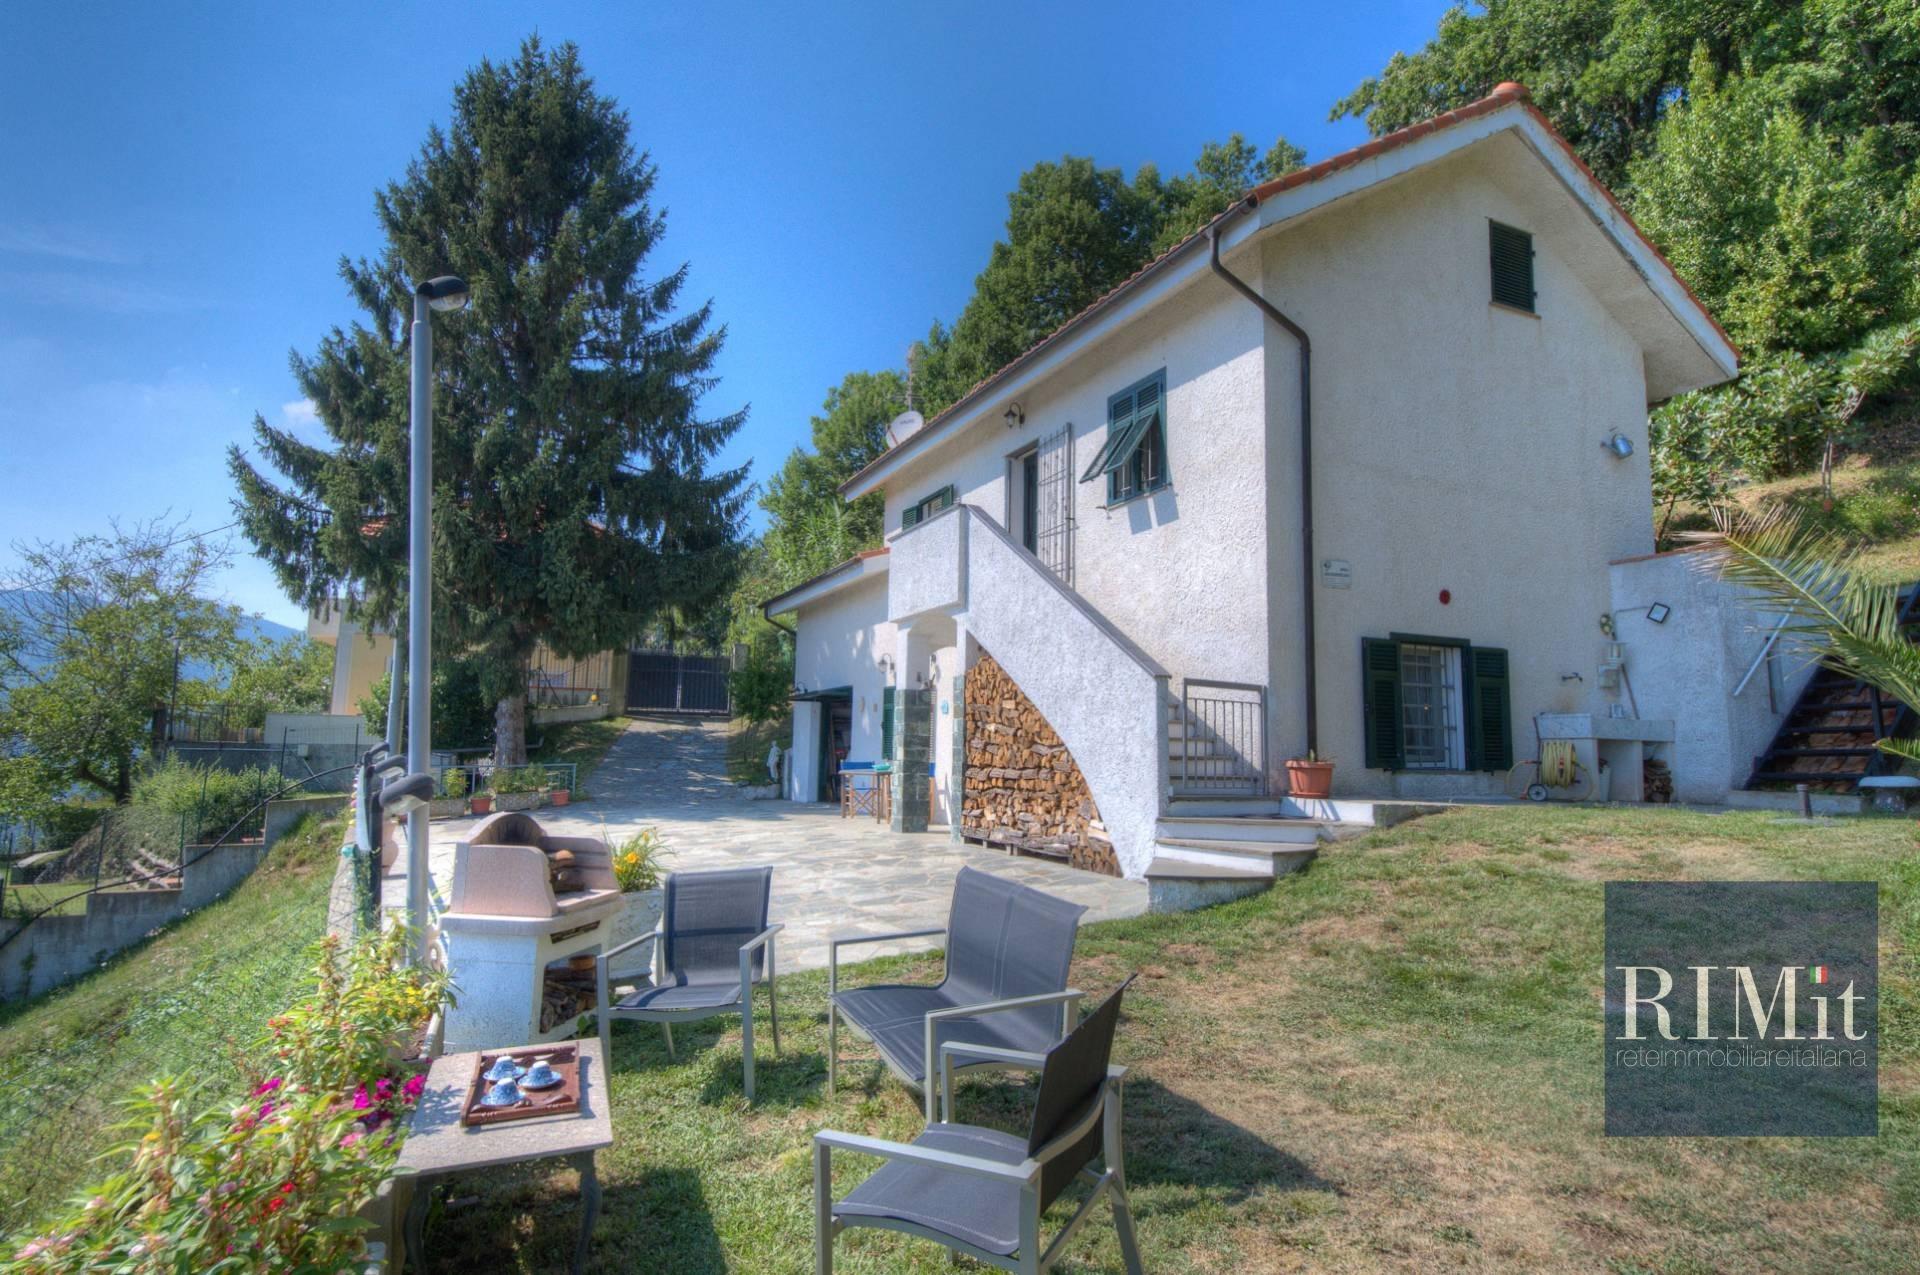 Villa in vendita a Stella, 5 locali, zona Località: SanGiovanni, prezzo € 350.000   PortaleAgenzieImmobiliari.it